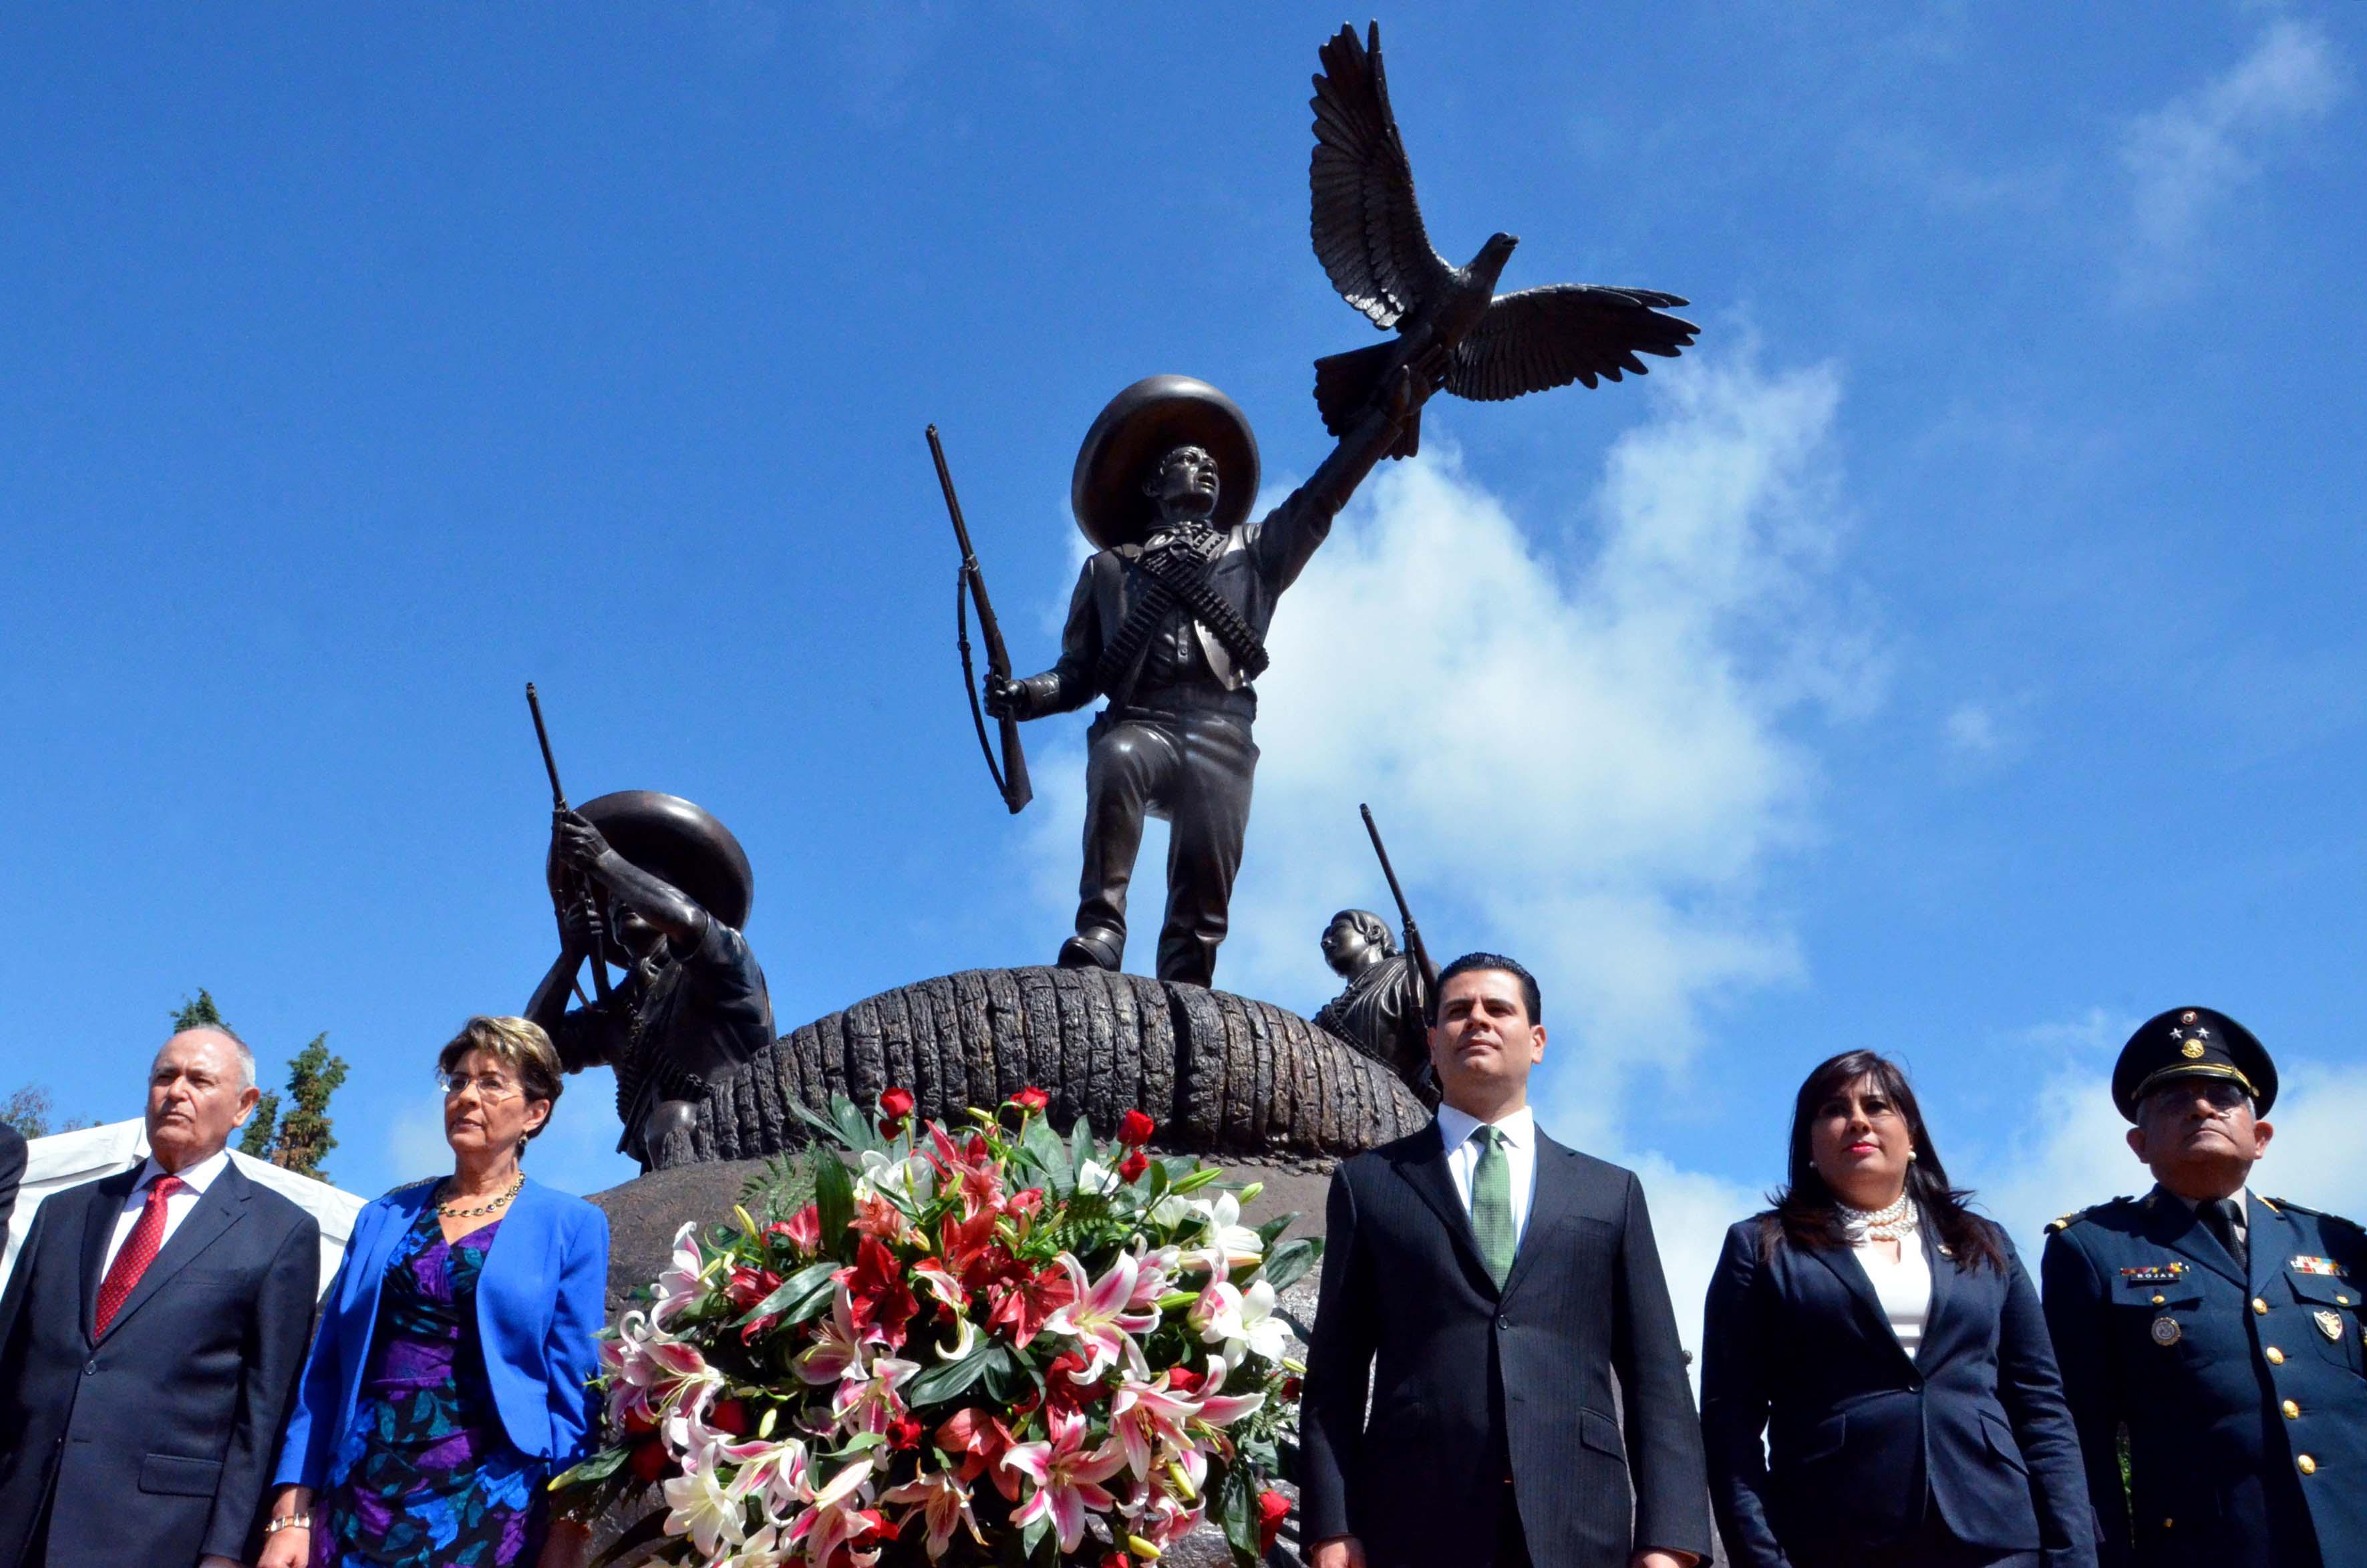 230615 101 de la Toma de Zacatecas 19jpg